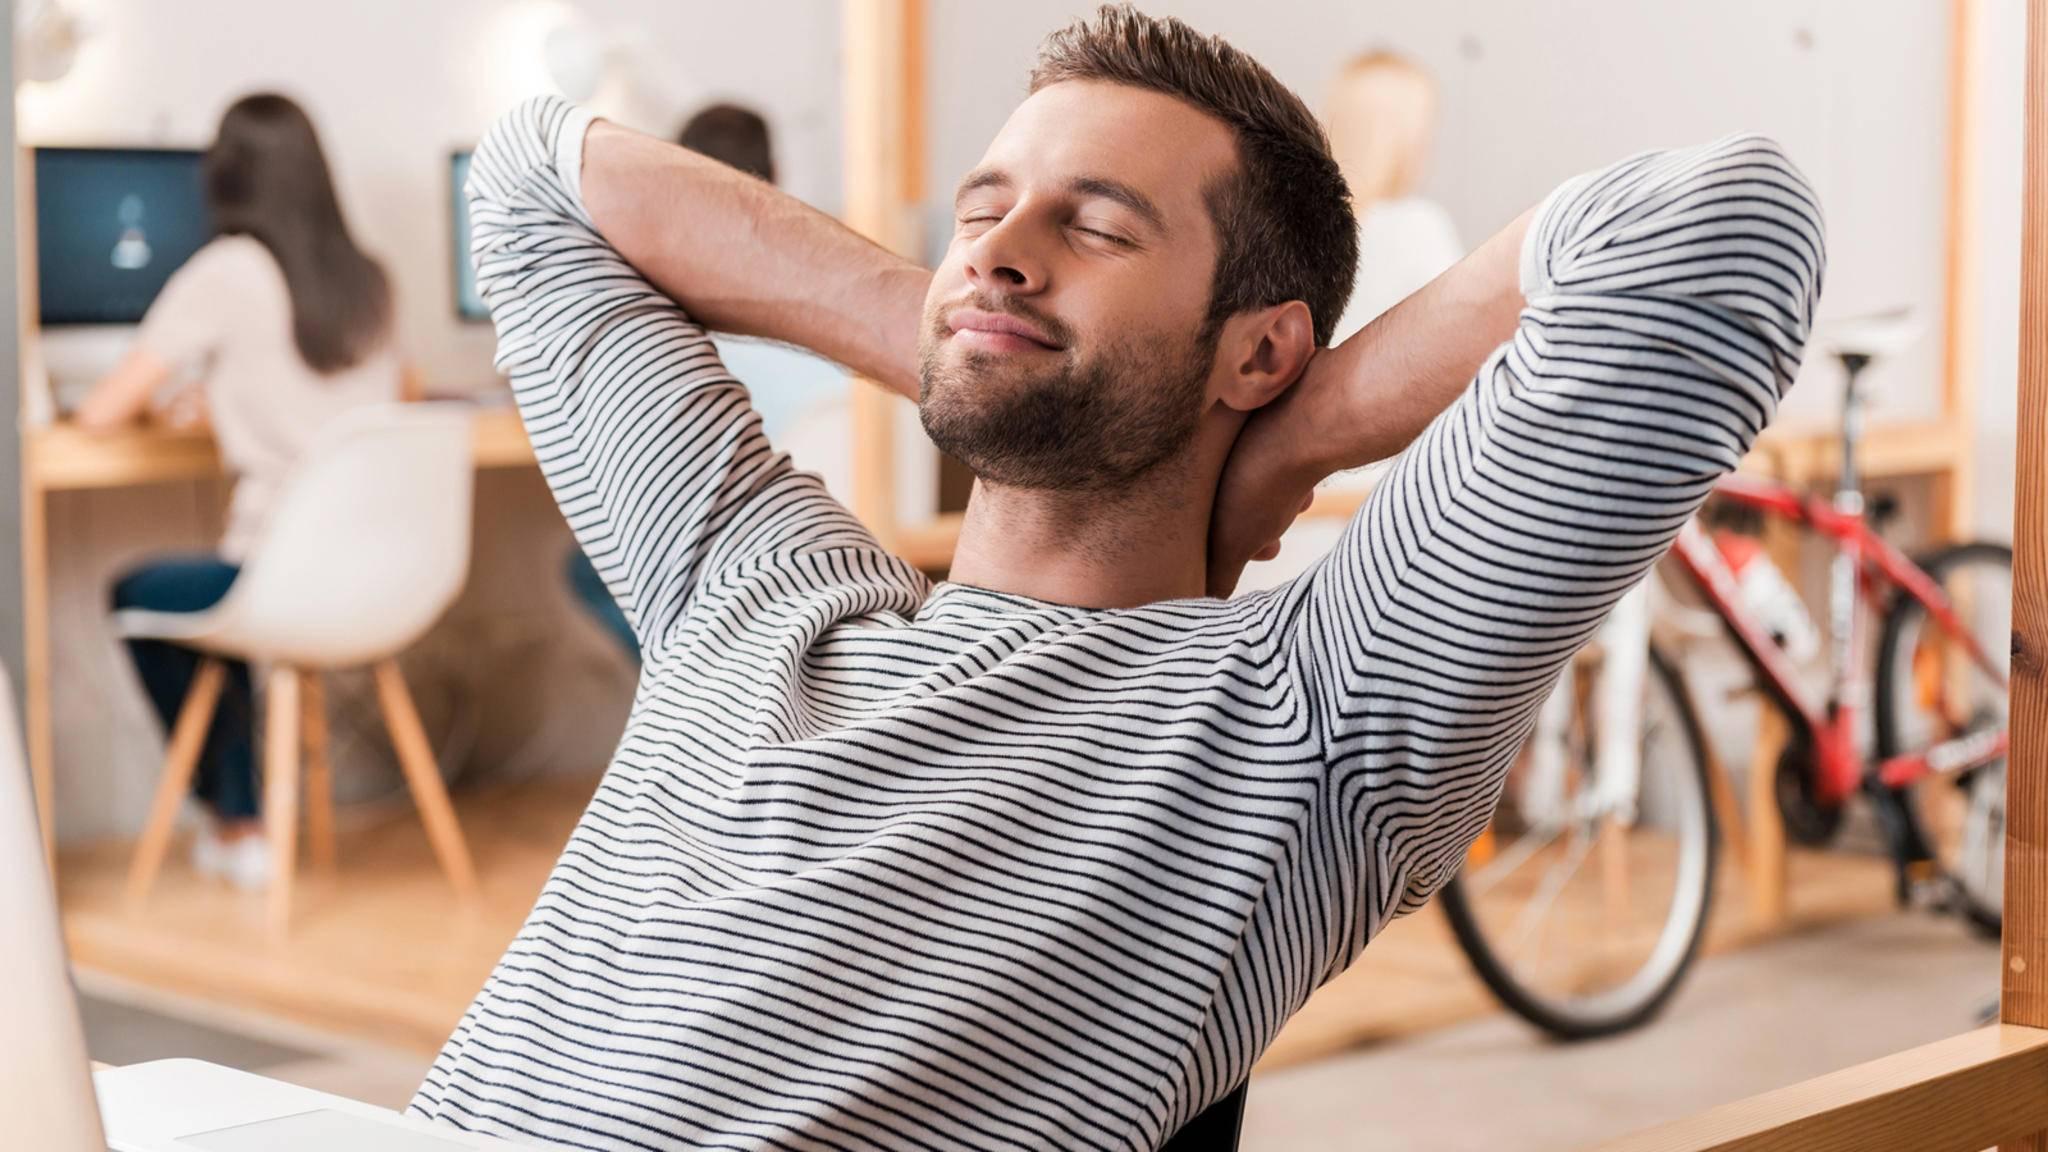 Die 2-Minuten-Regel hilft bei Stress auf der Arbeit.